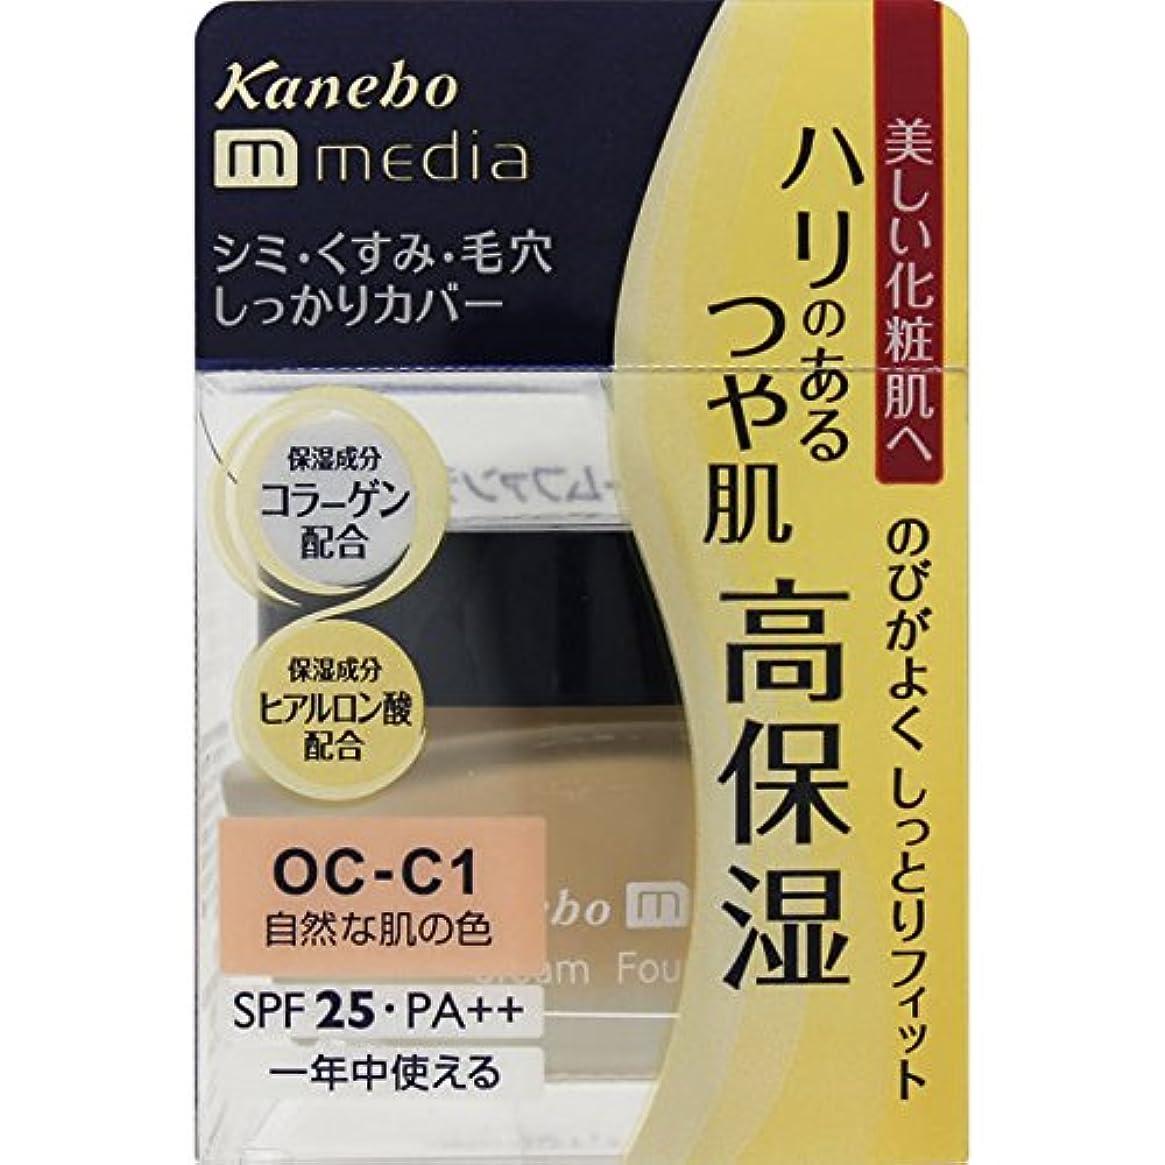 ピービッシュバルセロナ虫カネボウ media(メディア) クリームファンデーション OC-C1(自然な肌の色)